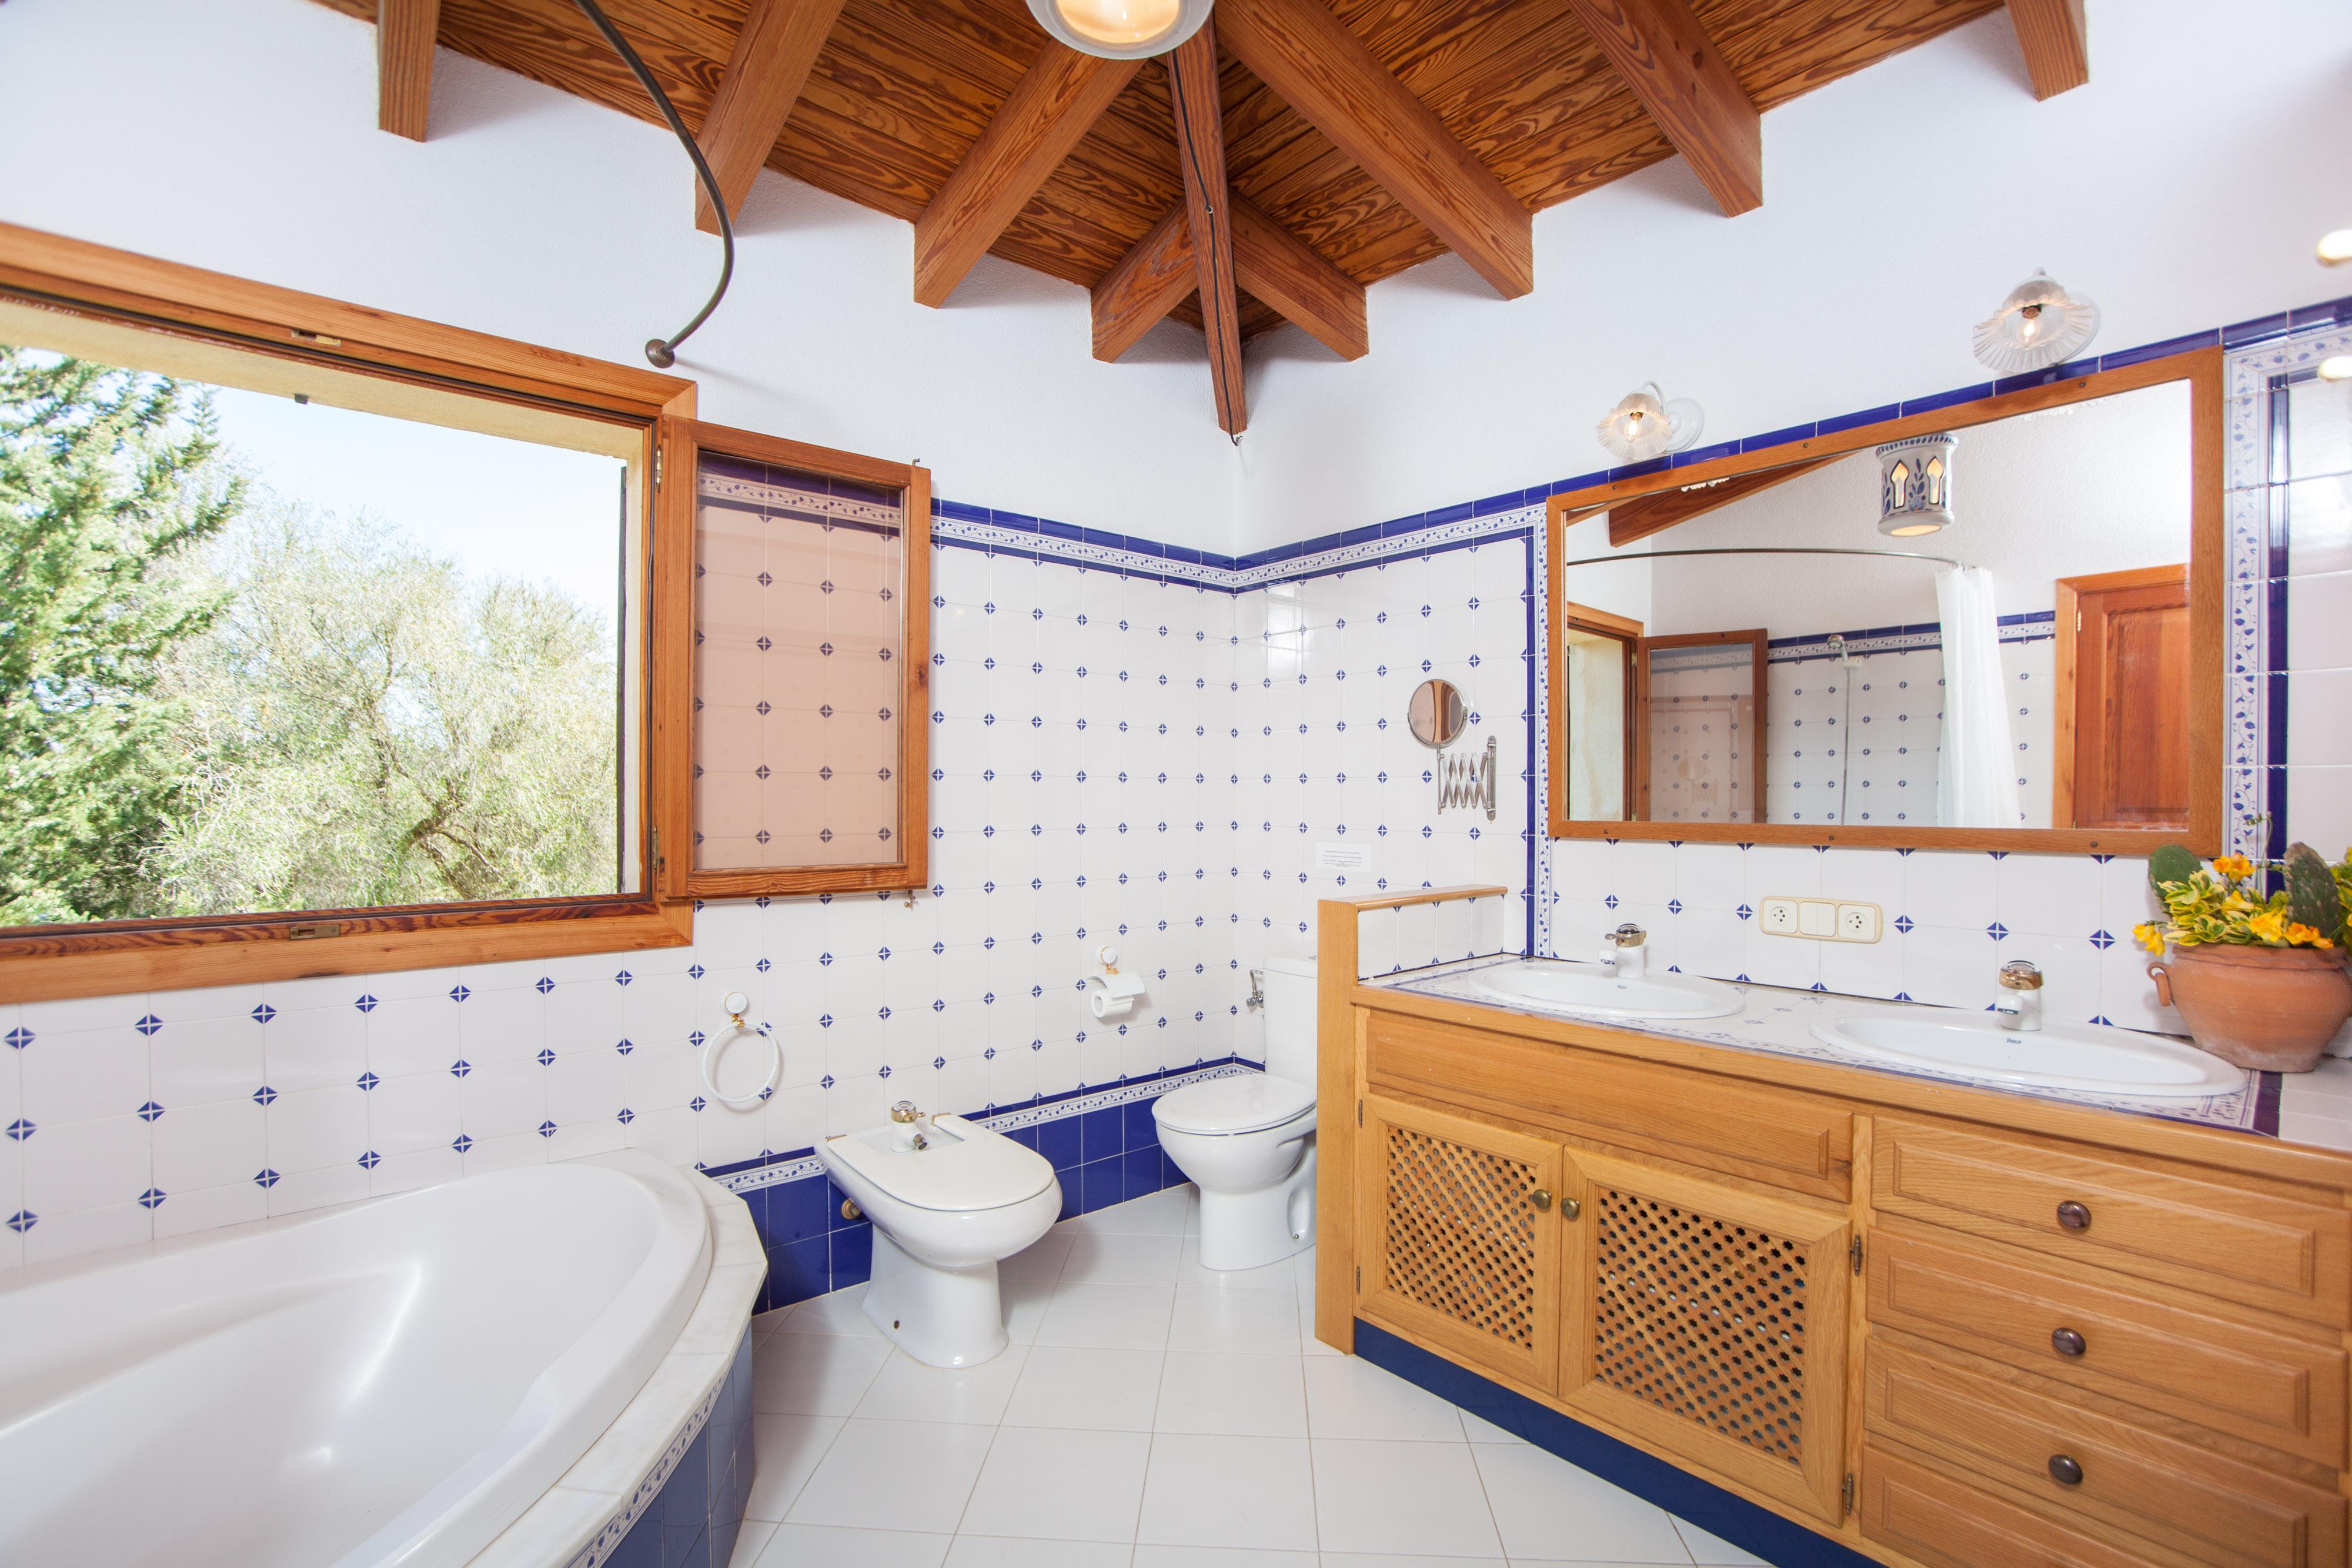 Ferienhaus SOS MONJOS (2177982), Arta, Mallorca, Balearische Inseln, Spanien, Bild 26